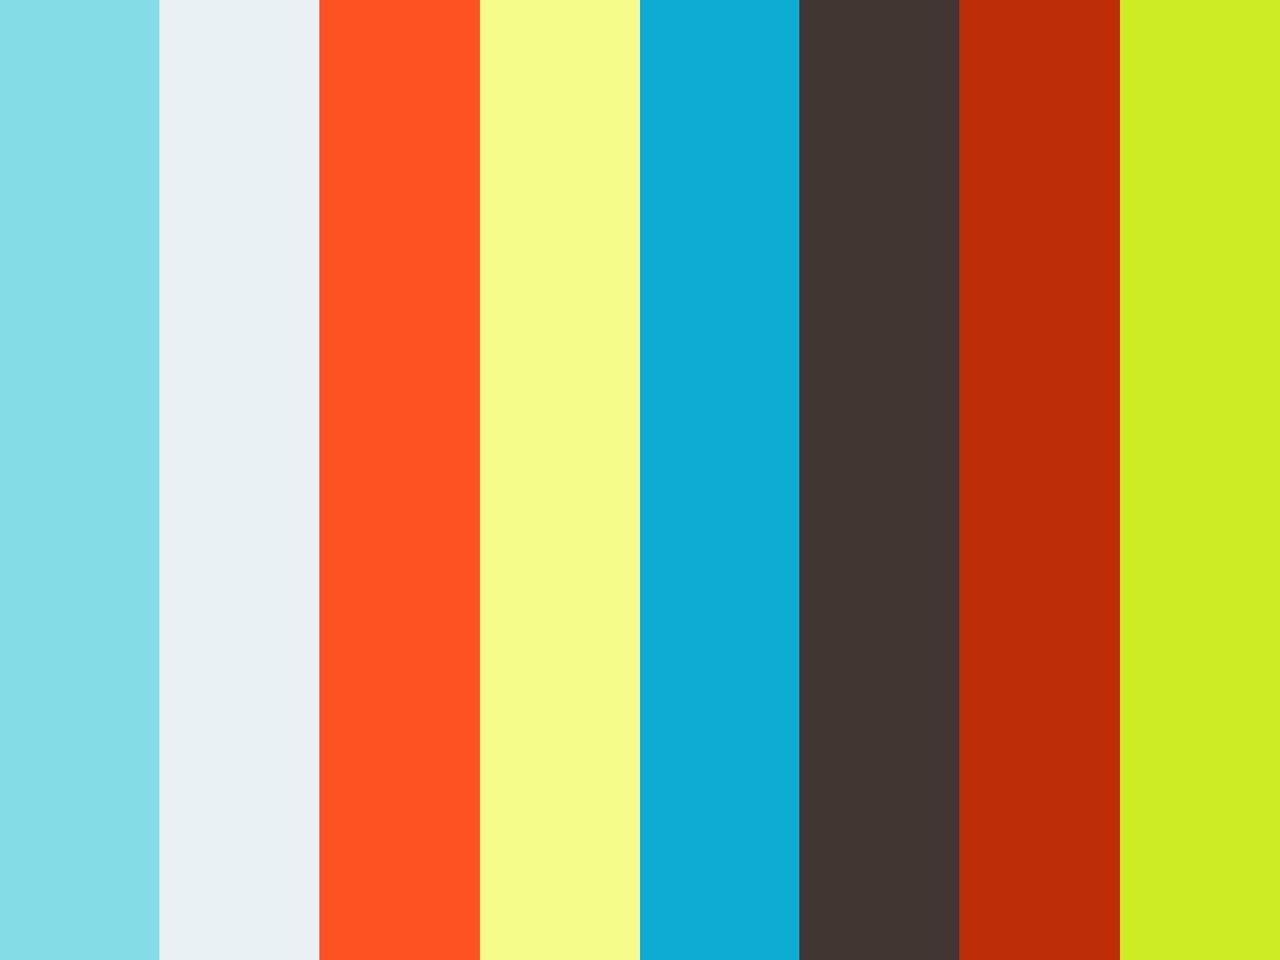 10精密维护权利 -  Hendrix精密网络研讨会